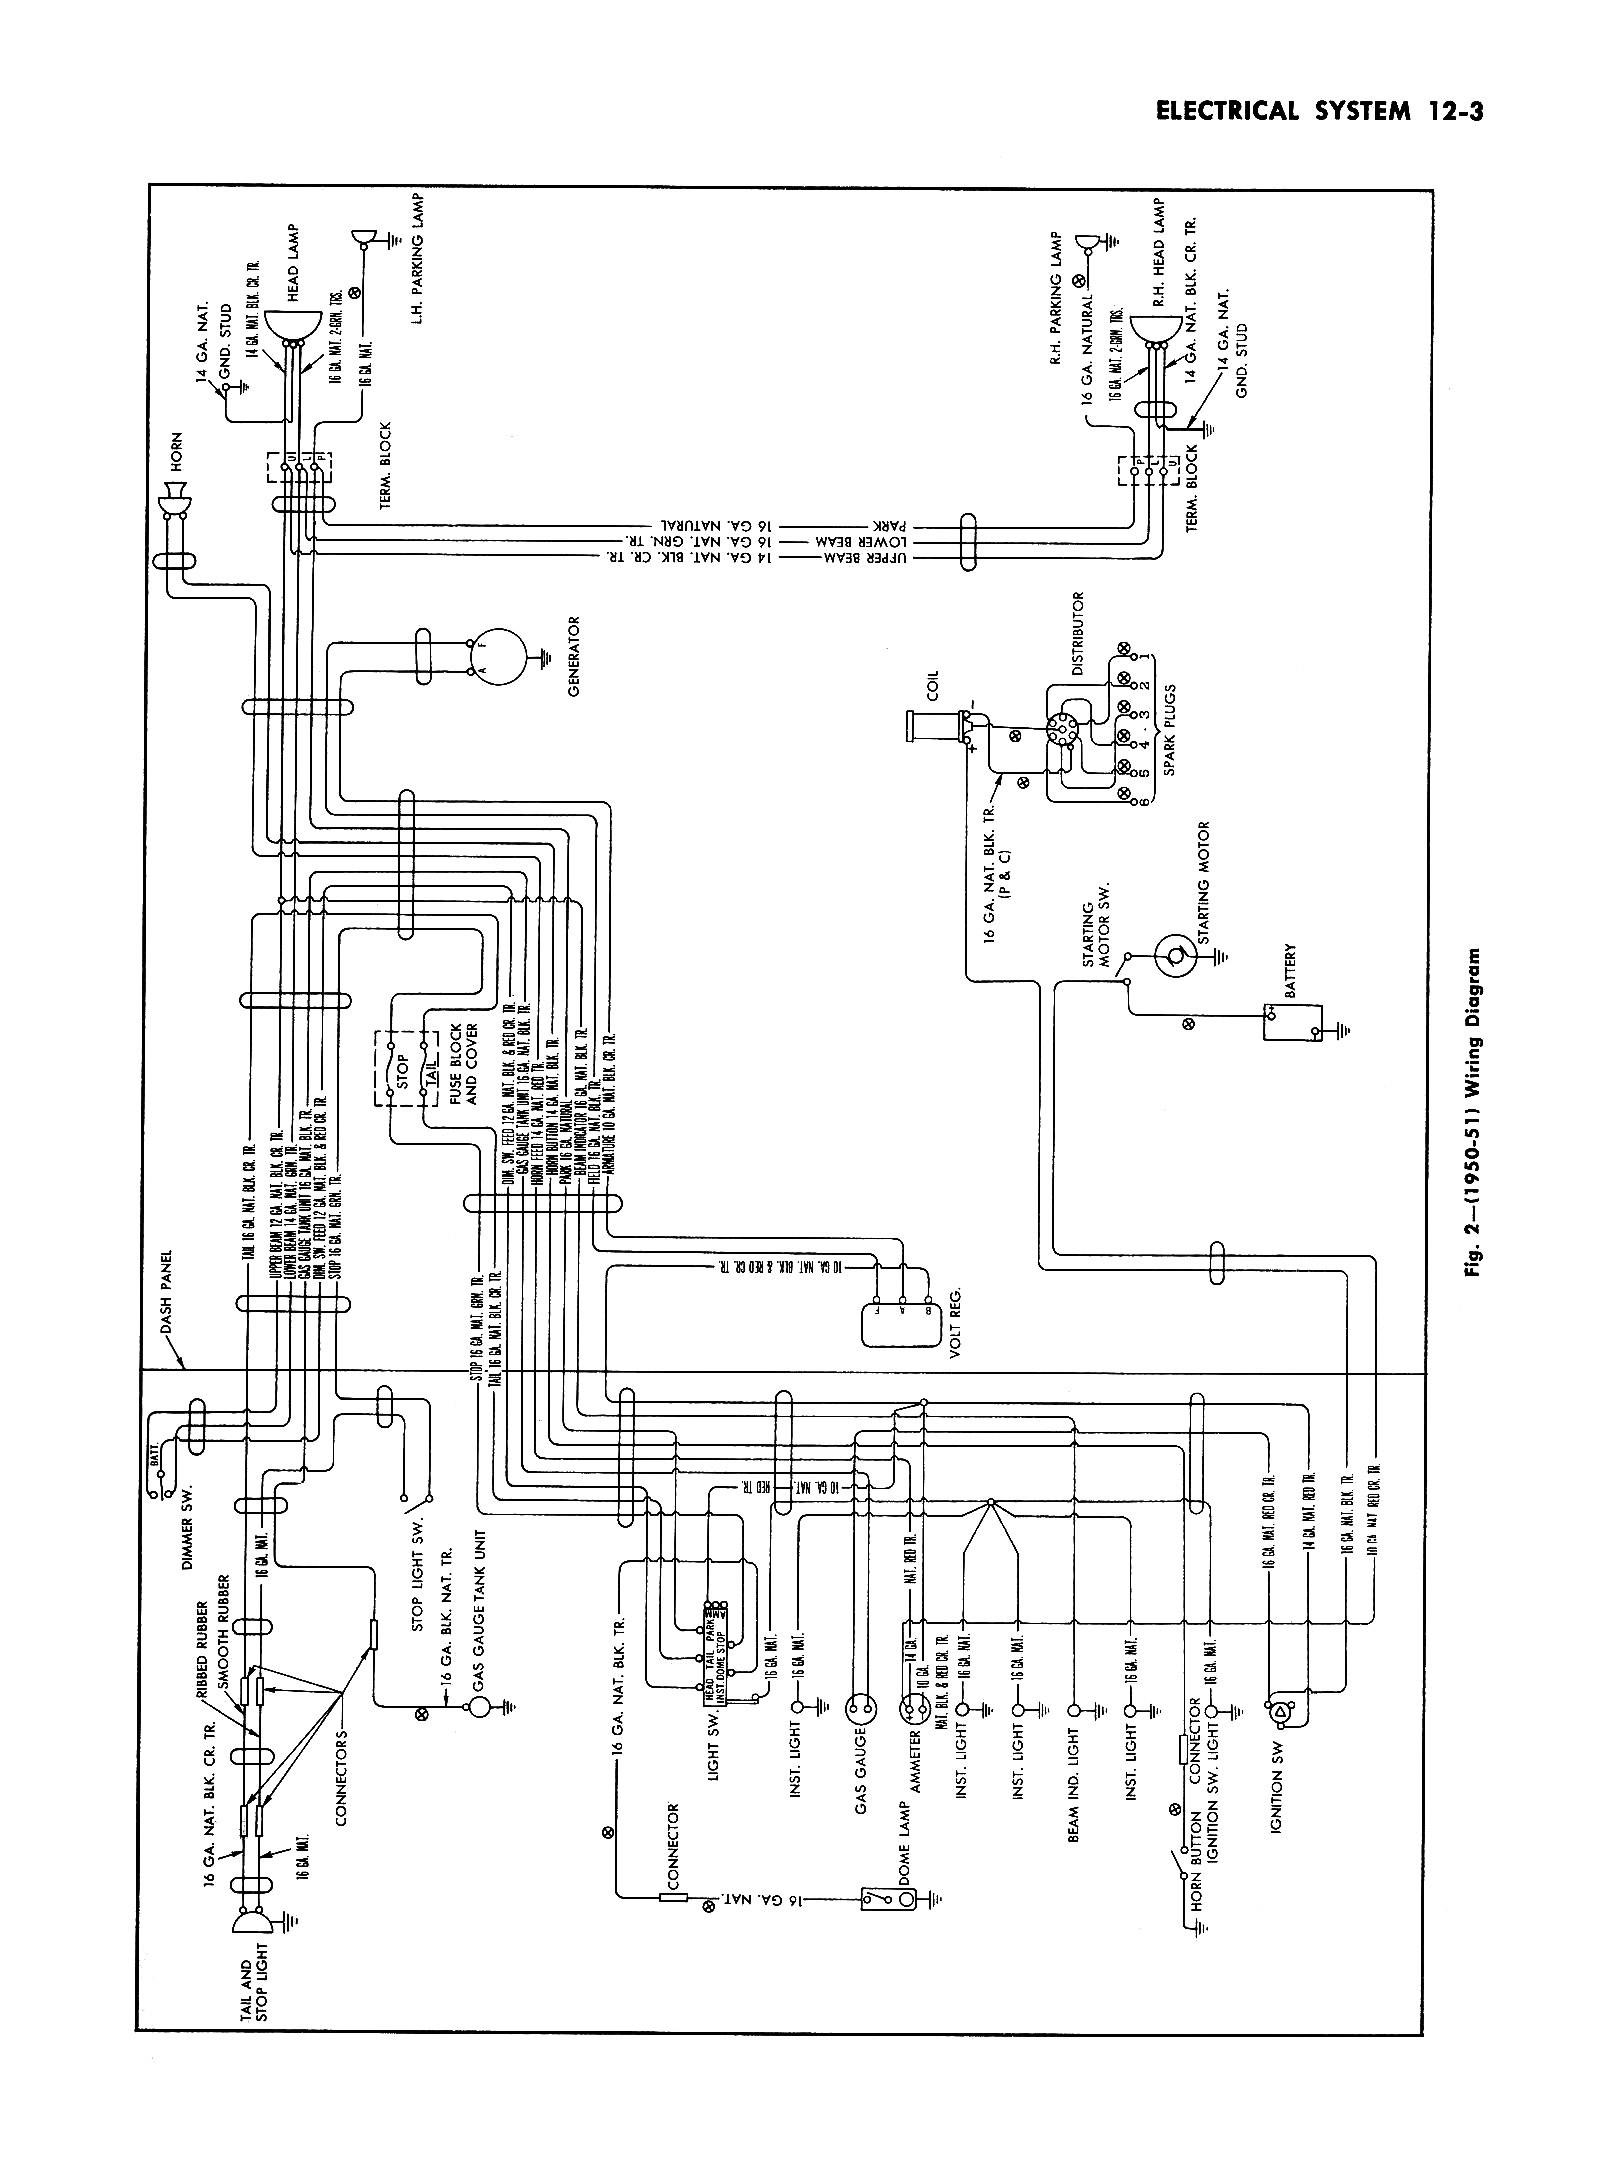 Hz 7926 1951 Olds Wiring Diagram Schematic Wiring